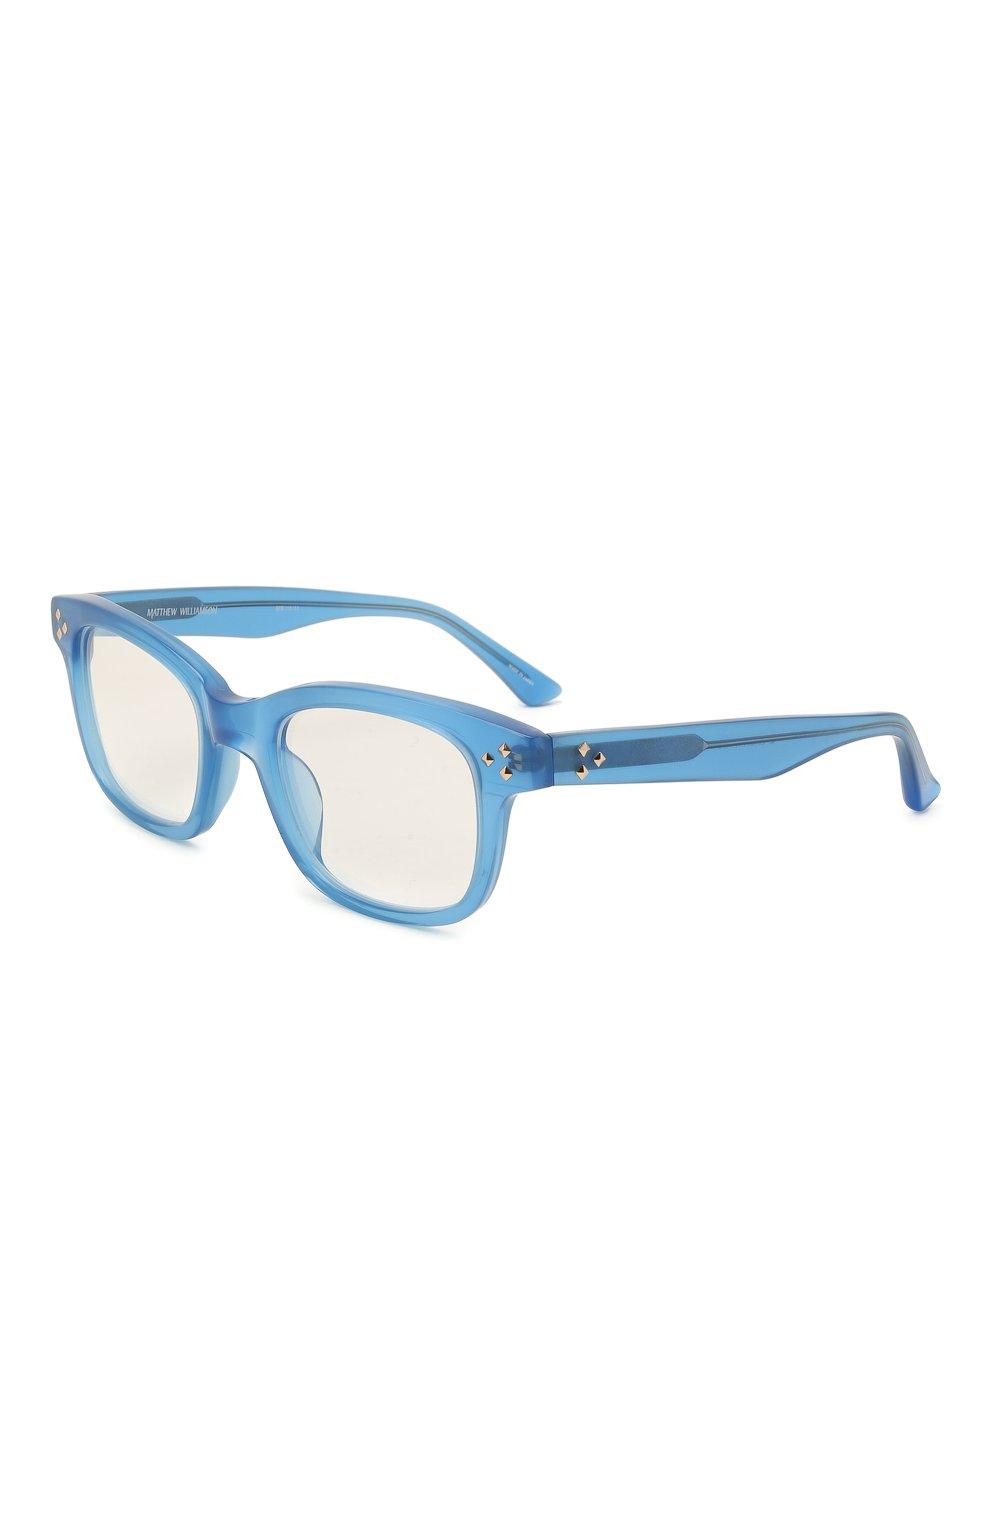 Женские оправа MATTHEW WILLIAMSON синего цвета, арт. MW31C11 0PT | Фото 1 (Тип очков: Оправа; Оптика Гендер: оптика-женское; Очки форма: Прямоугольные)